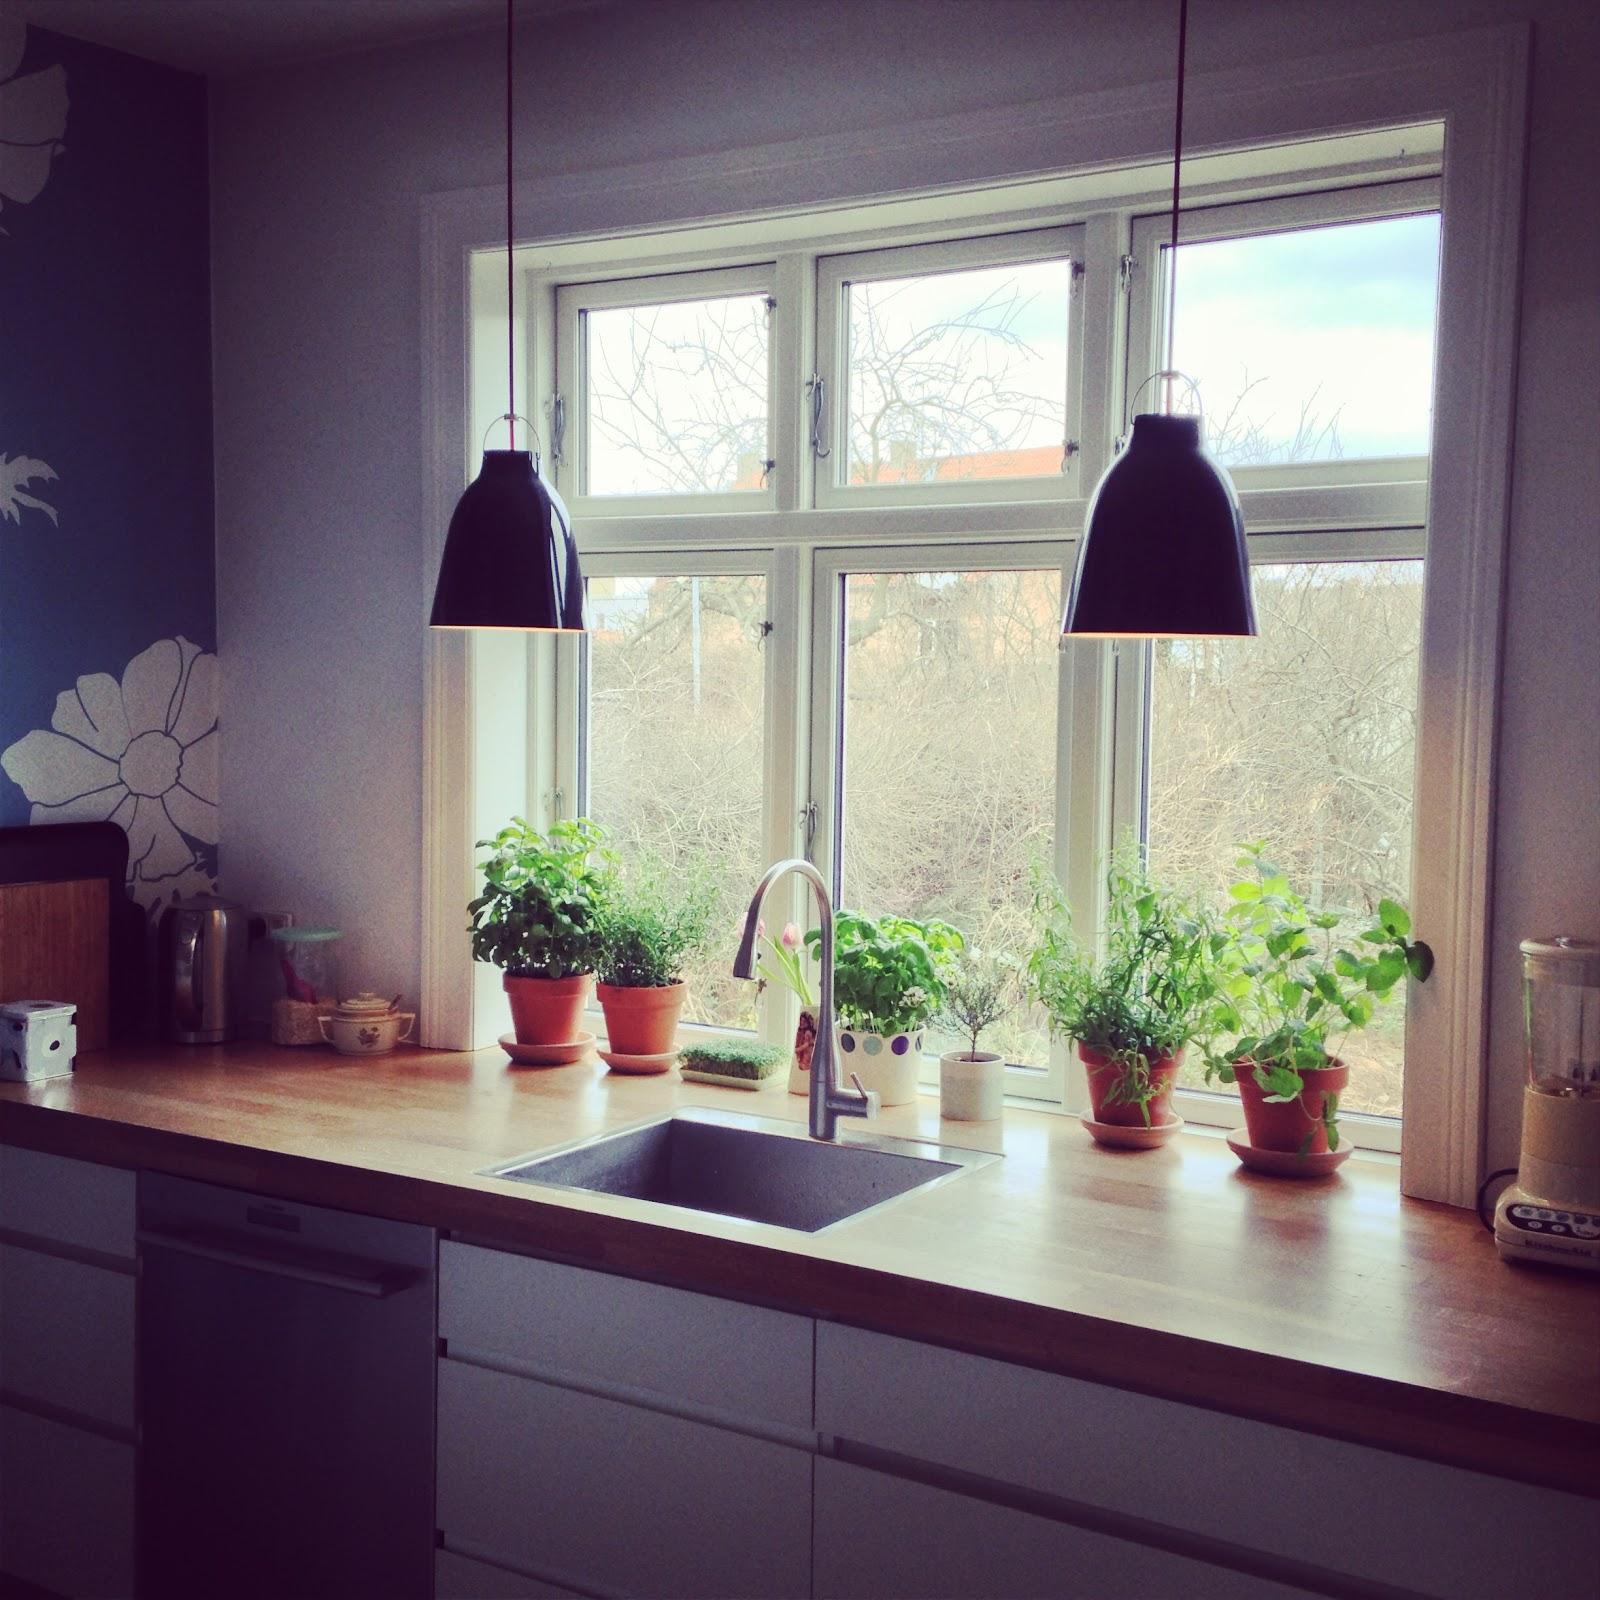 Bettyp elsker hjemmehygge: krydderurte have i køkkenvinduet